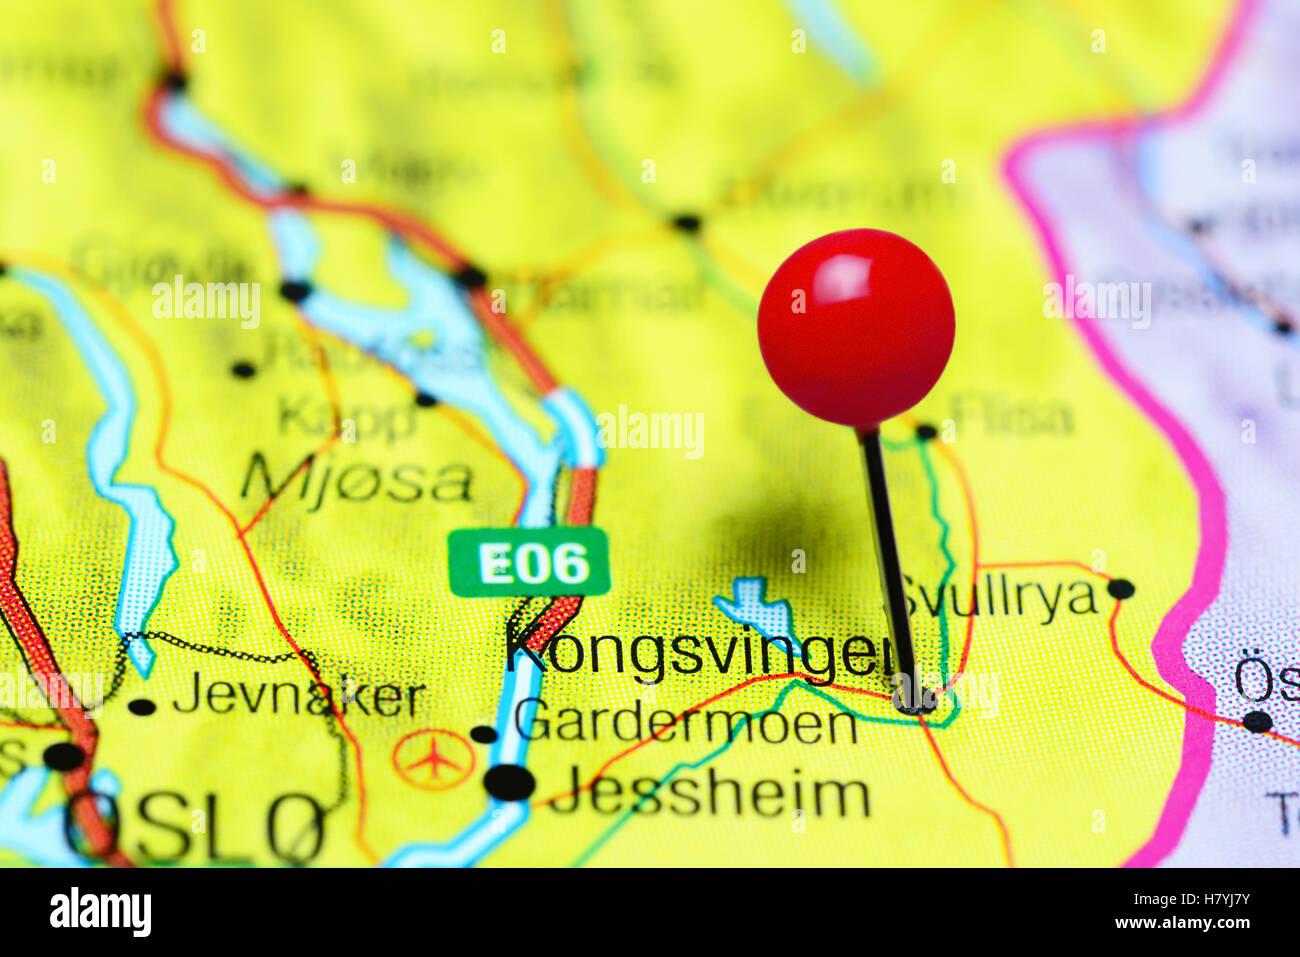 Kongsvinger Stock Photos Kongsvinger Stock Images Alamy